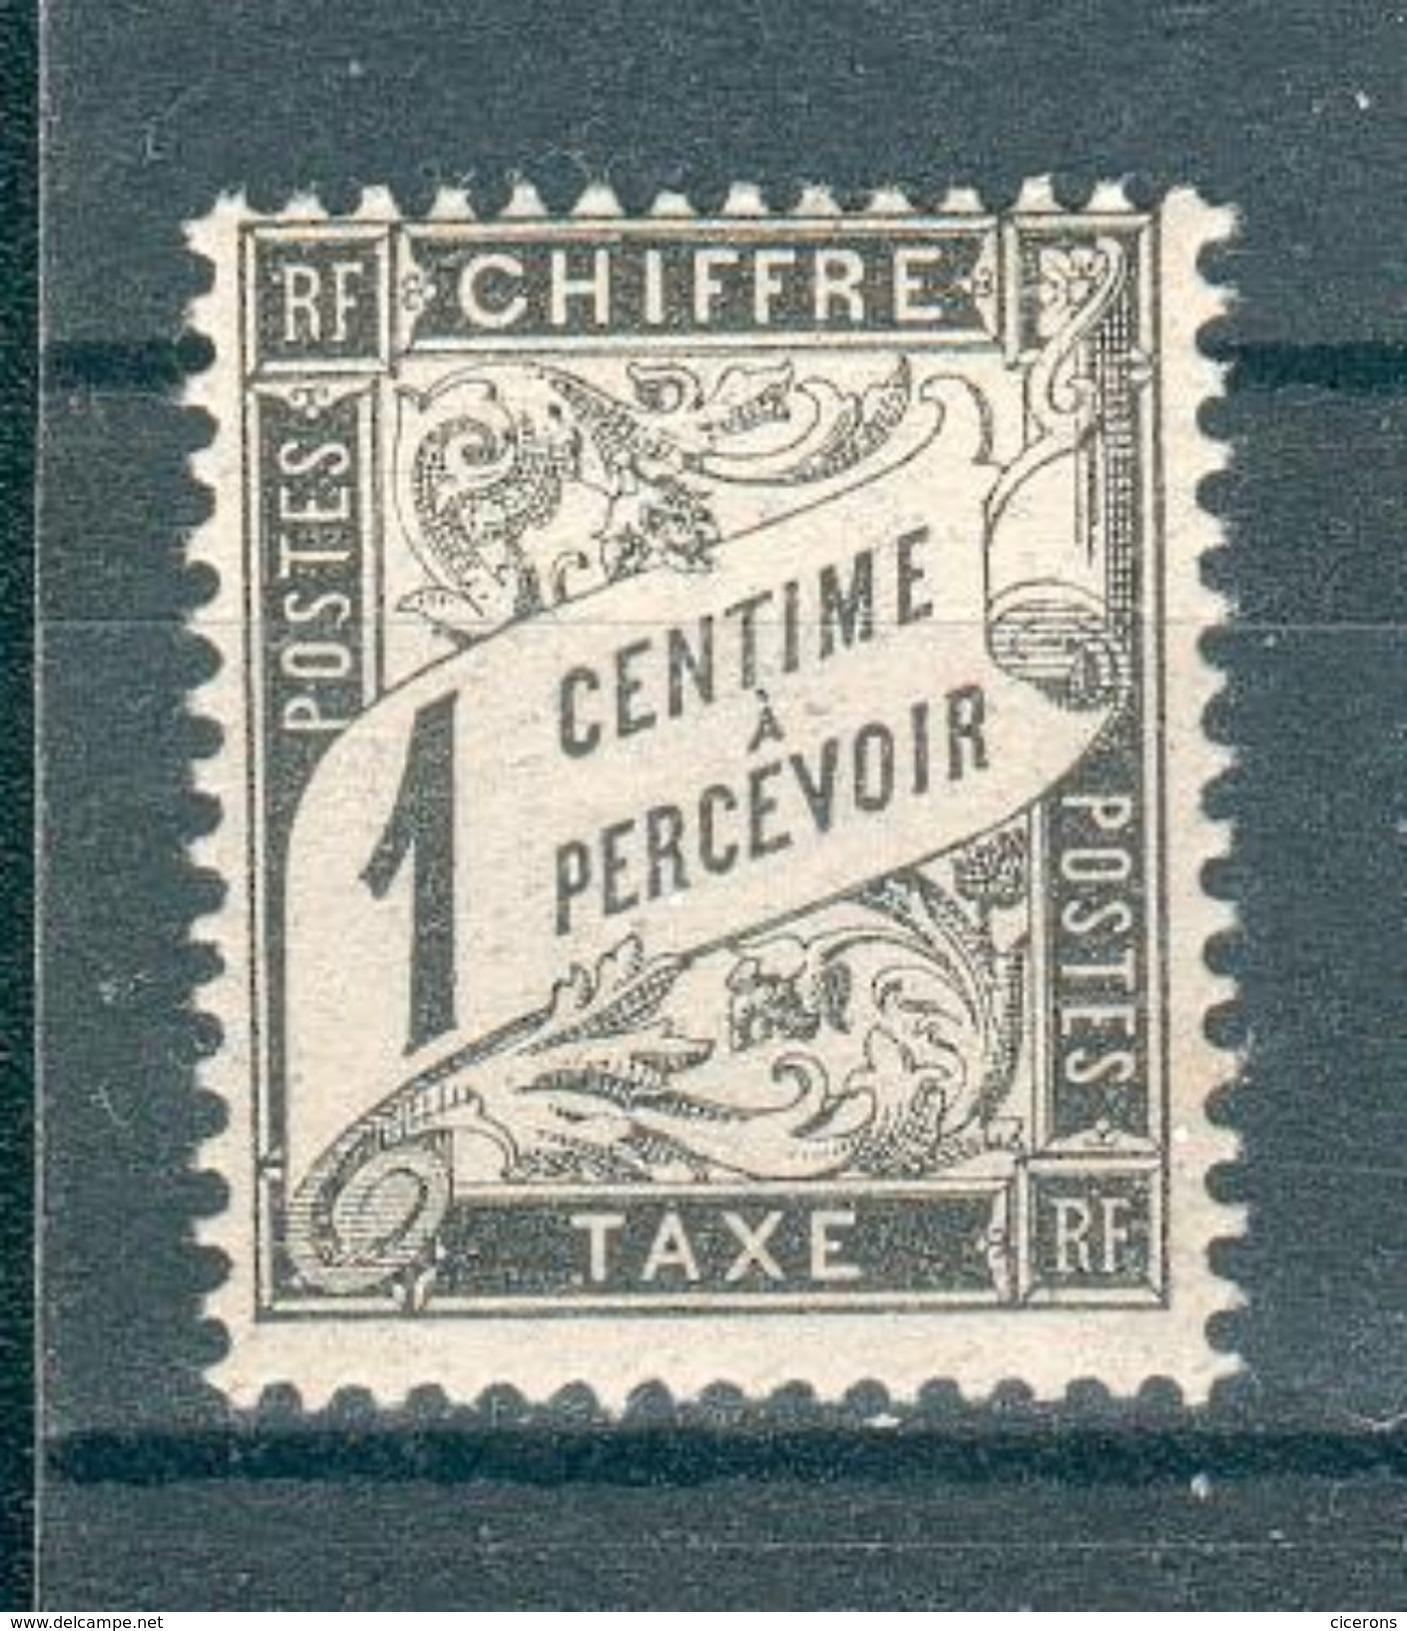 FRANCE ; Taxes ; 1881-92 ; Y&T N° 10 ; Lot :  ; Neuf TTBE - 1859-1955 Neufs